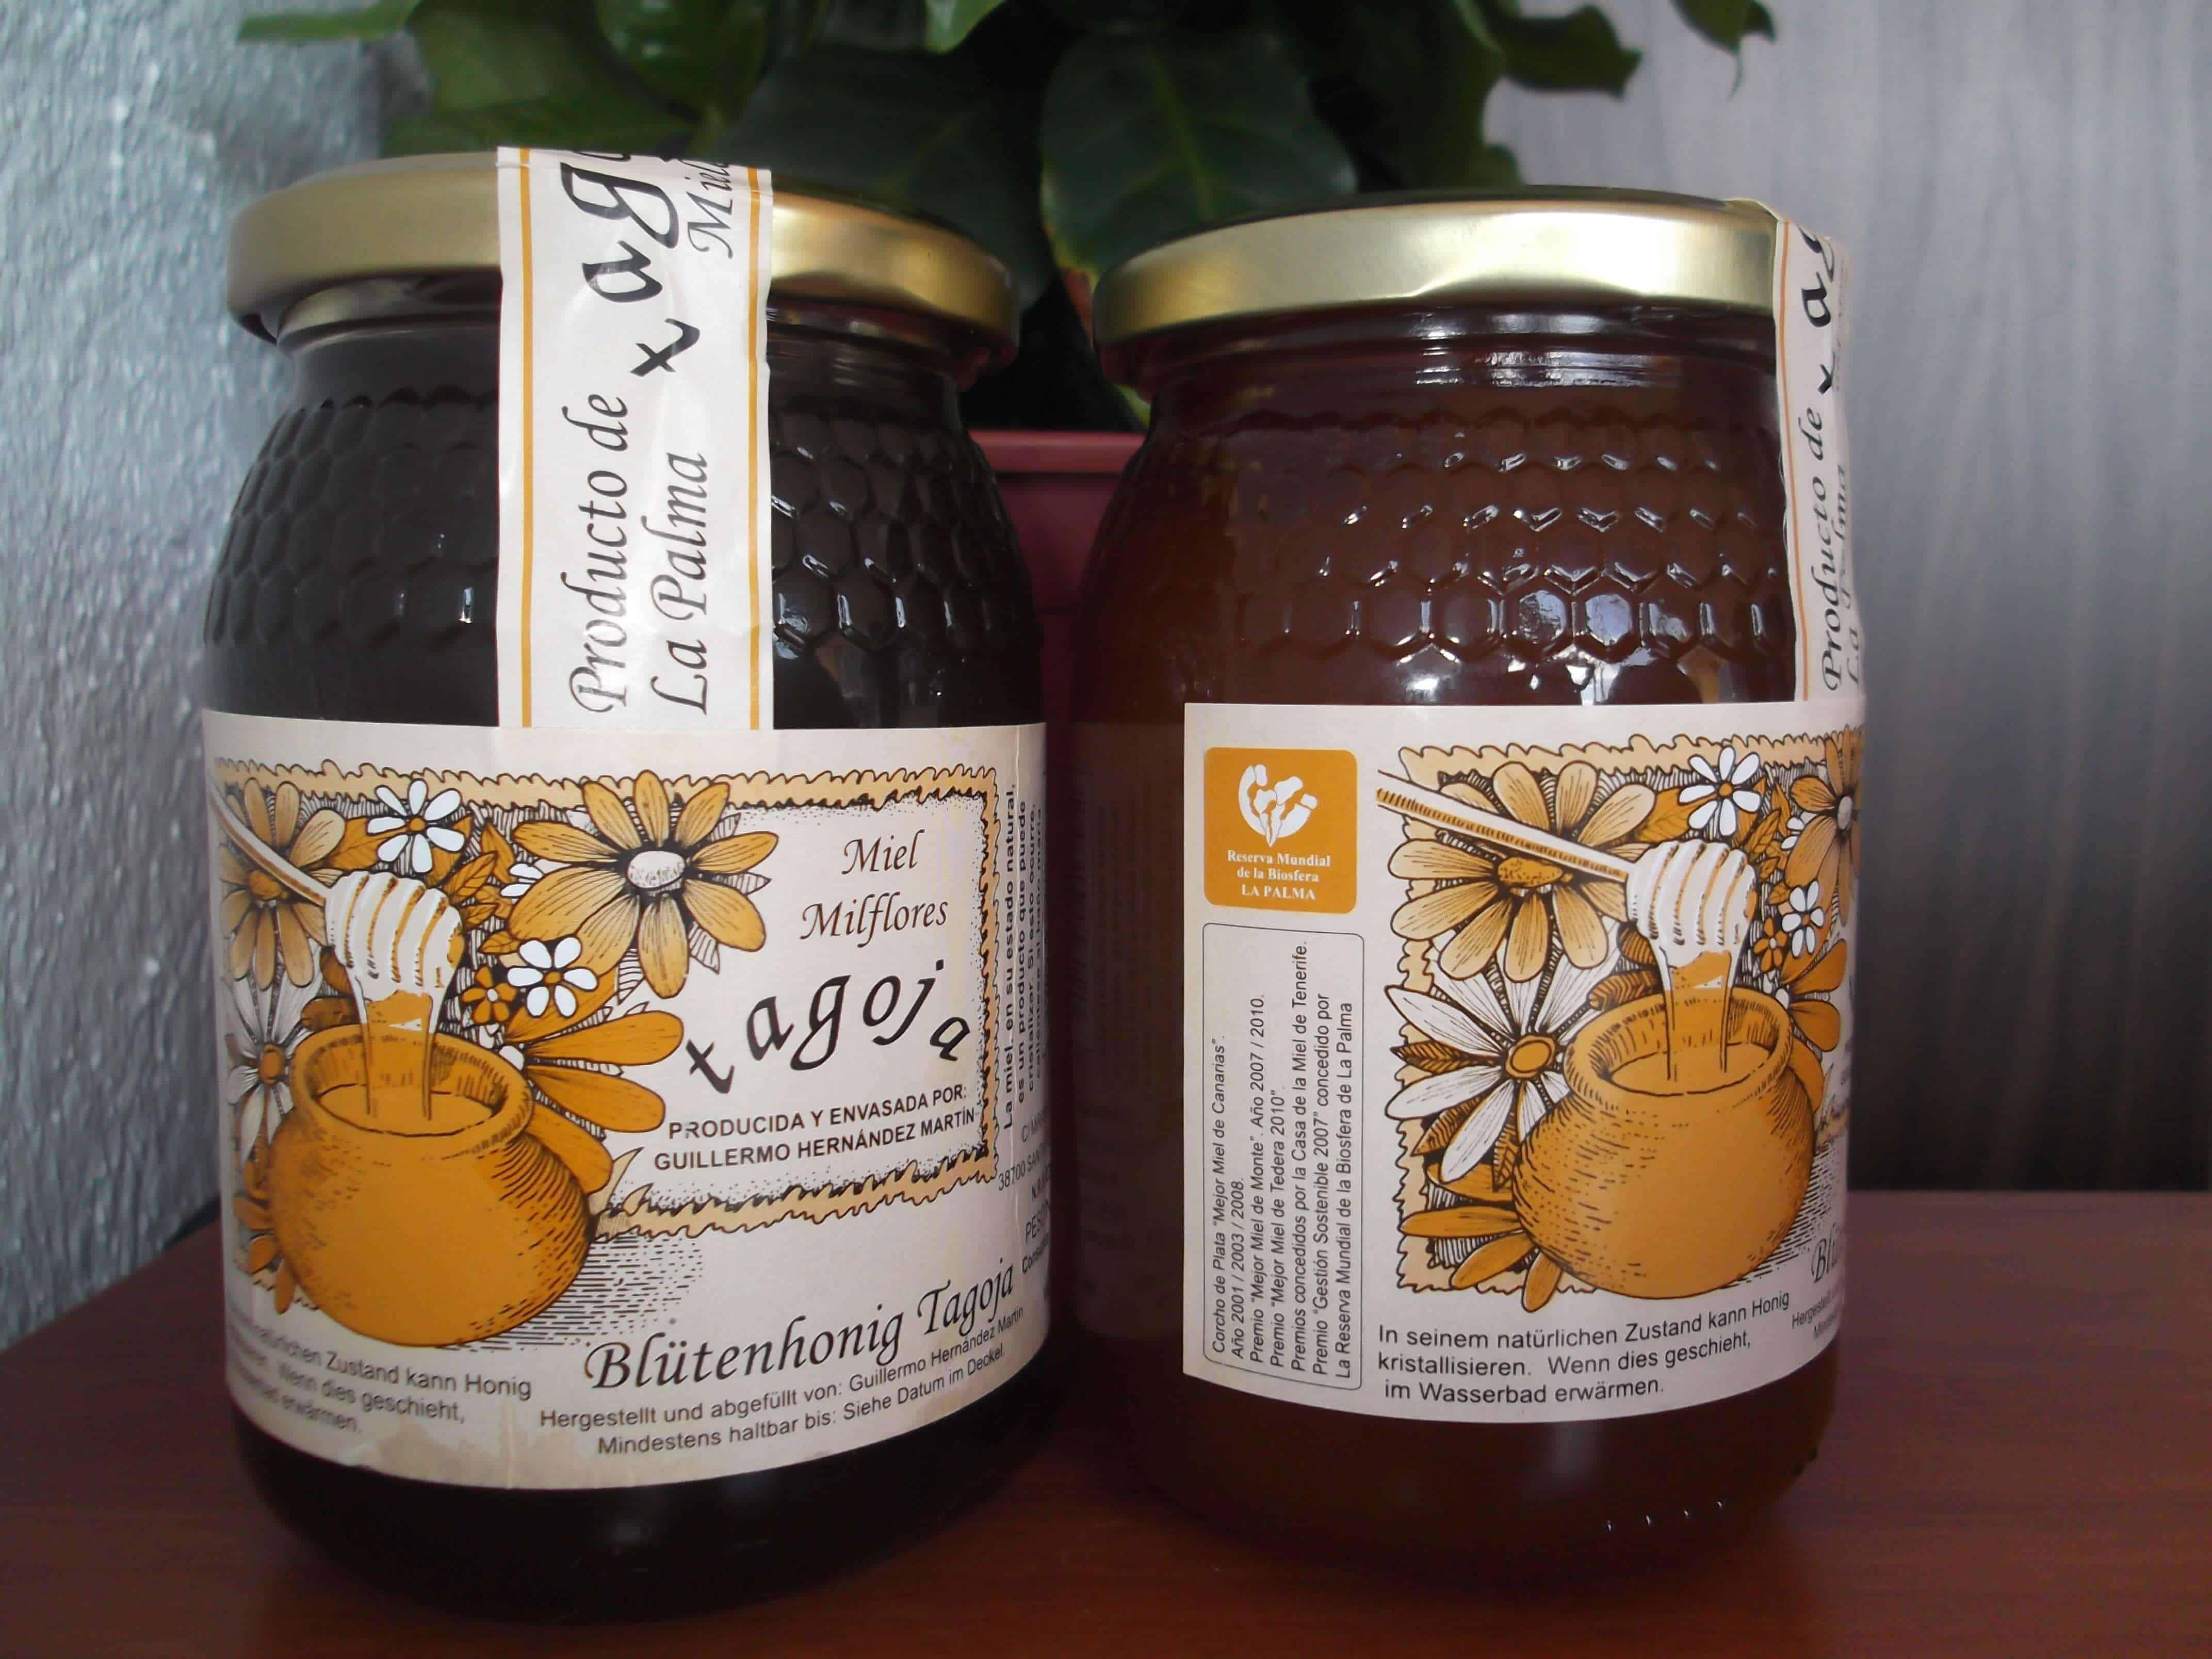 Miel Tagoja, marca Reserva Mundial de la Biosfera La Palma, Premio Celdilla de Plata, a la mejor miel de tederas de Canarias.